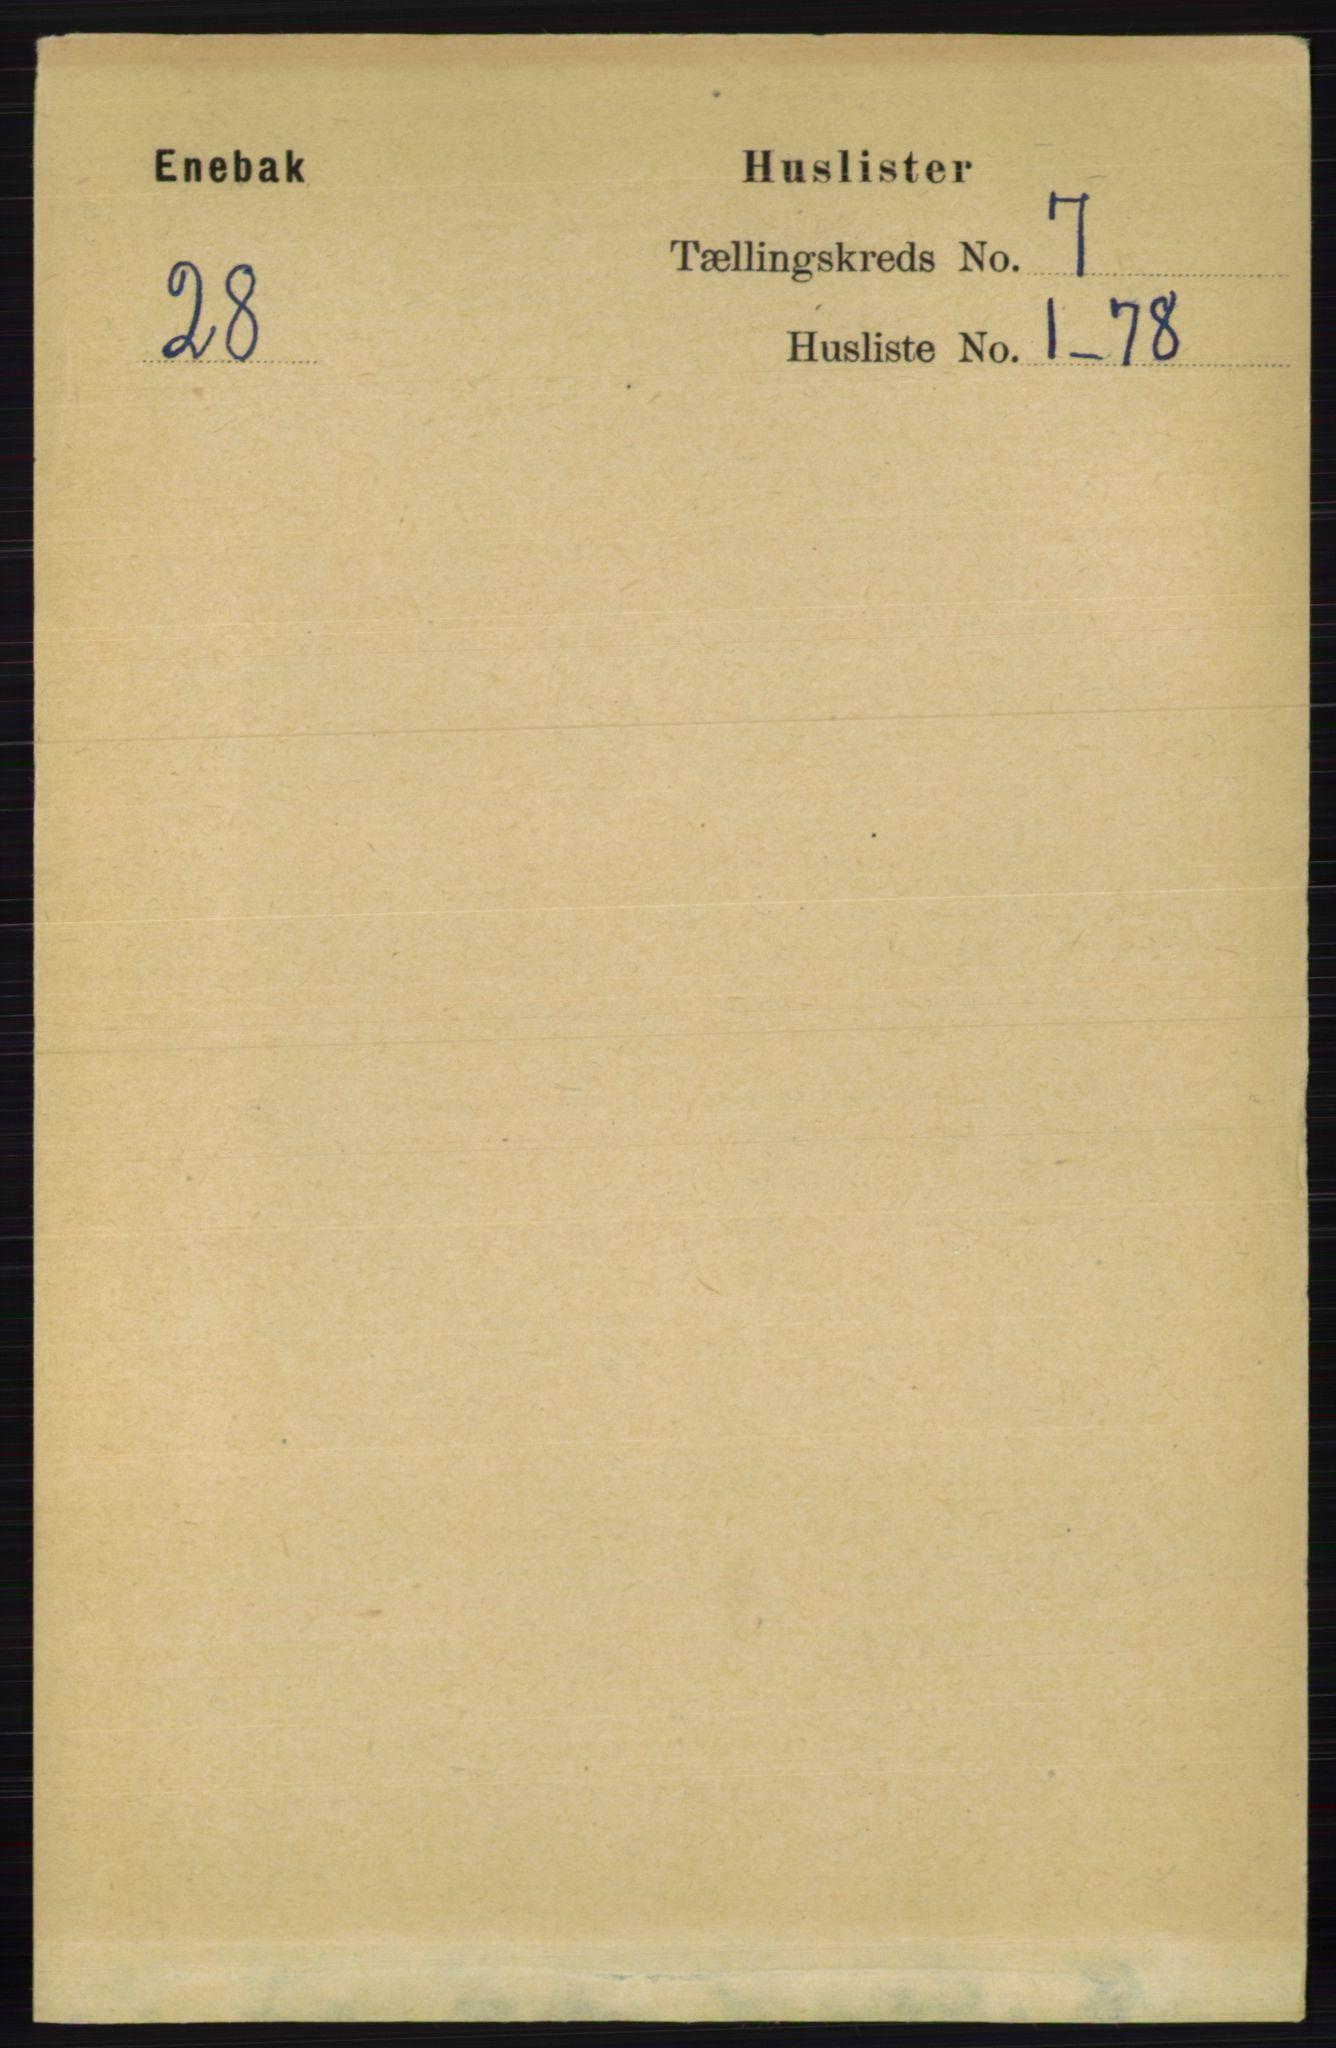 RA, Folketelling 1891 for 0229 Enebakk herred, 1891, s. 3486